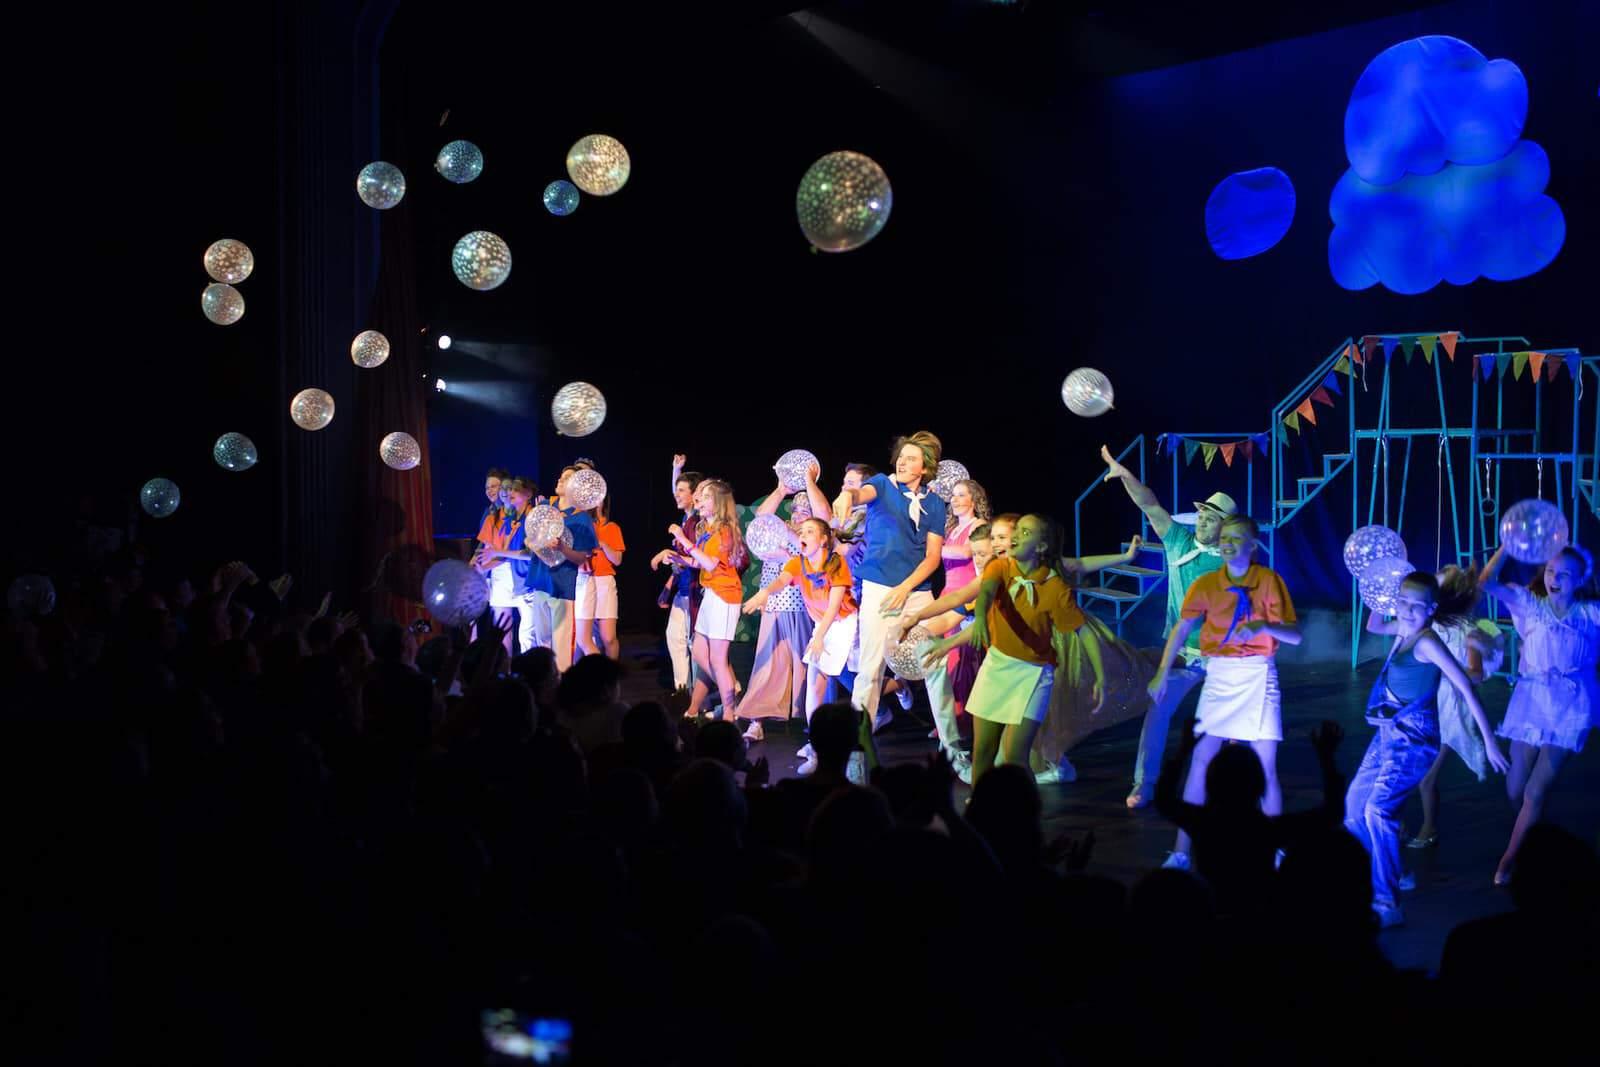 Мюзикл «Мечтатели» в вегас сити холле